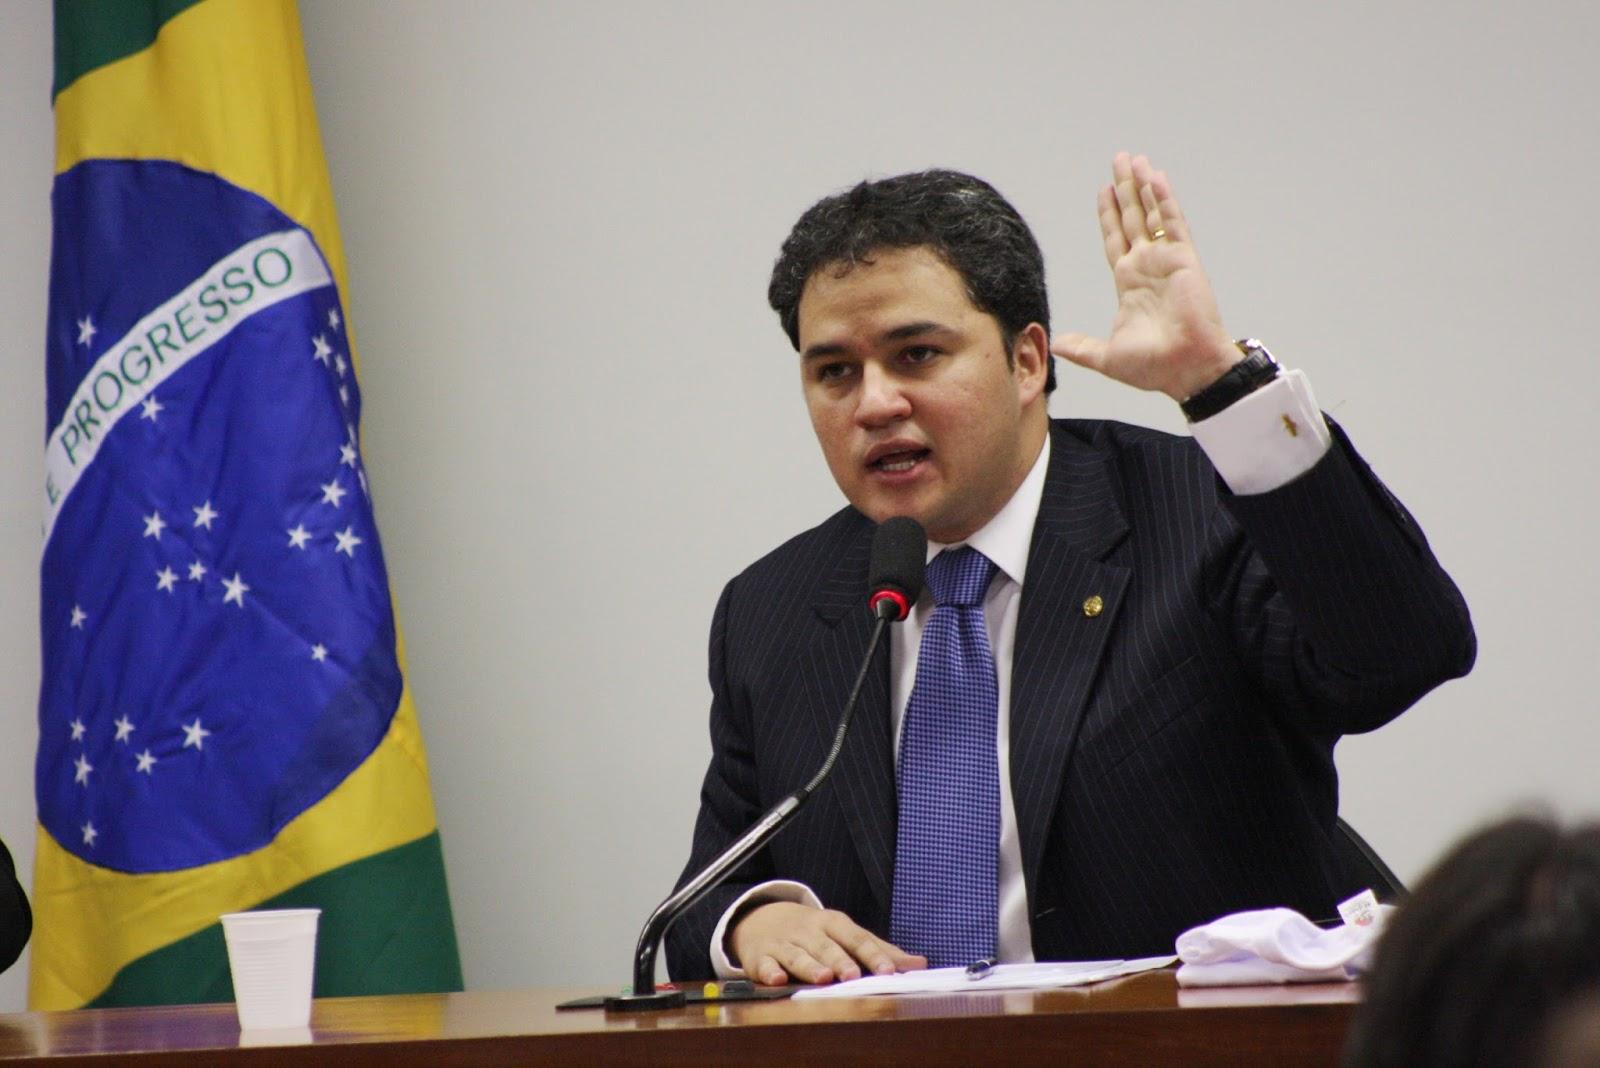 efraim 6 - Efraim Filho diz que vai cobrar transposição do São Francisco no governo Temer